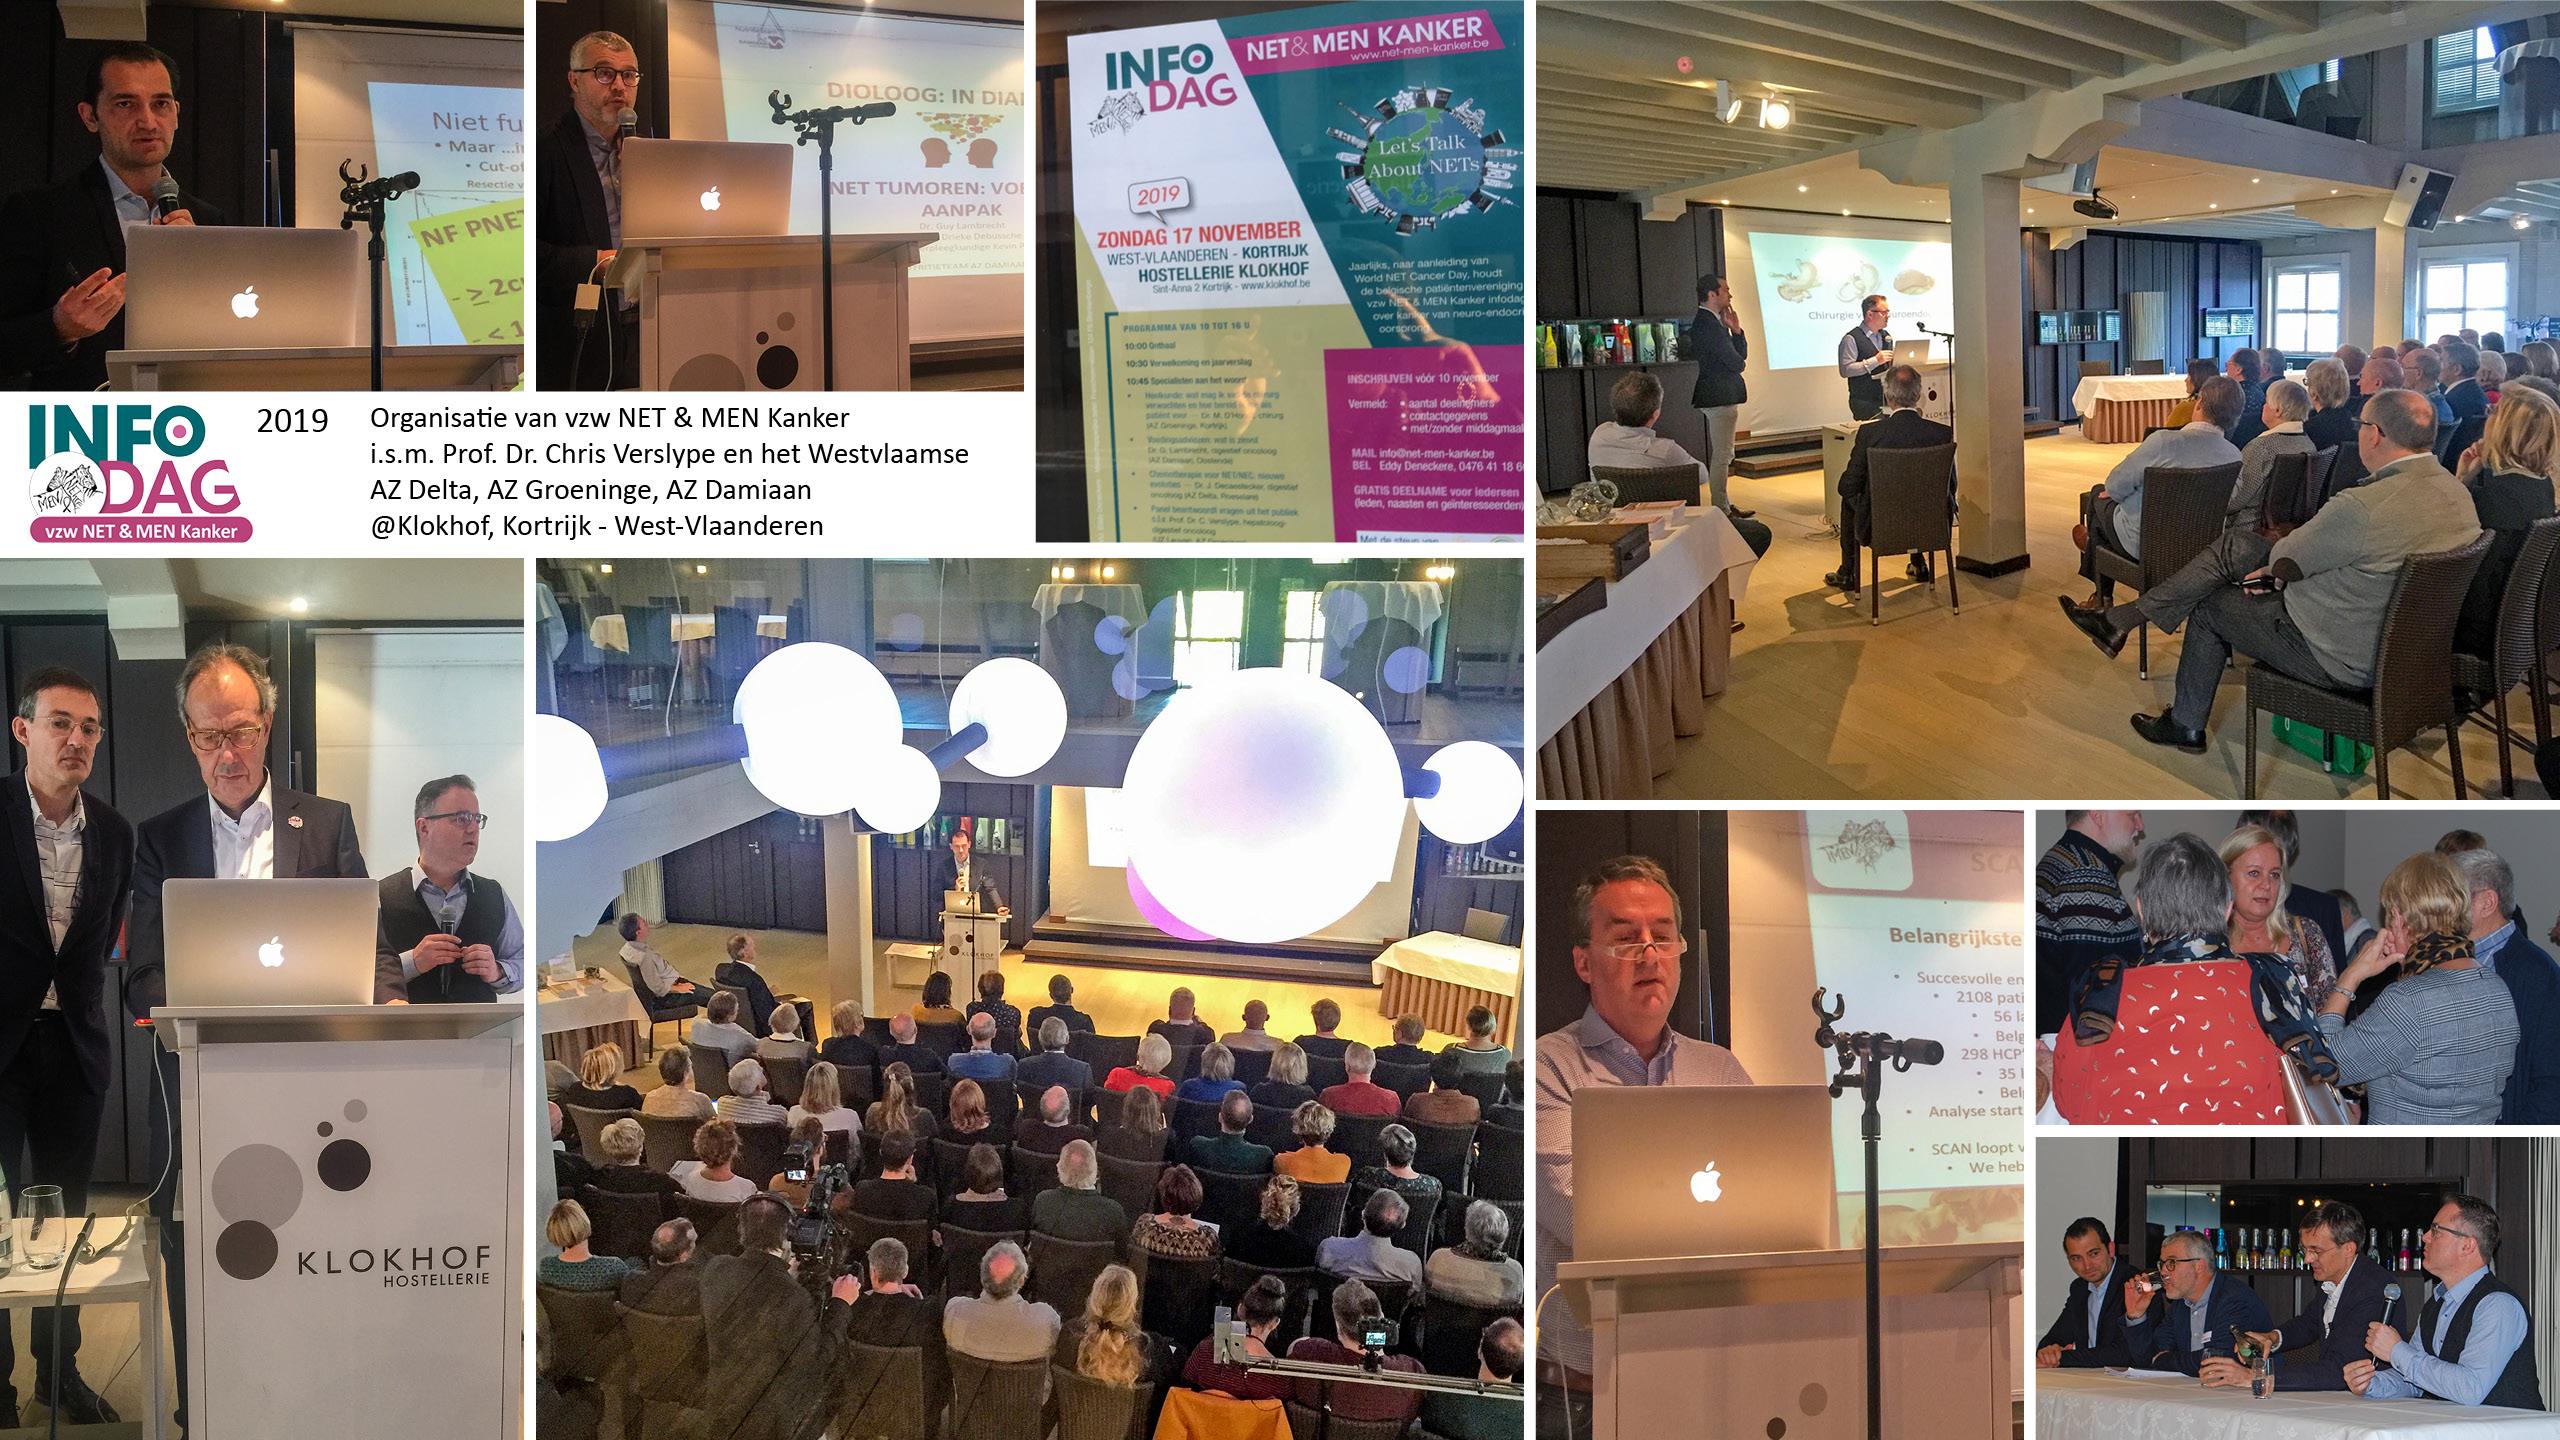 NET & MEN Infodag neuro-endocriene tumoren in 2019 in samenwerking met met AZ Delta, AZ Groeninge, AZ Damiaan en UZ Leuven. Locatie: Klokhof Kortrijk